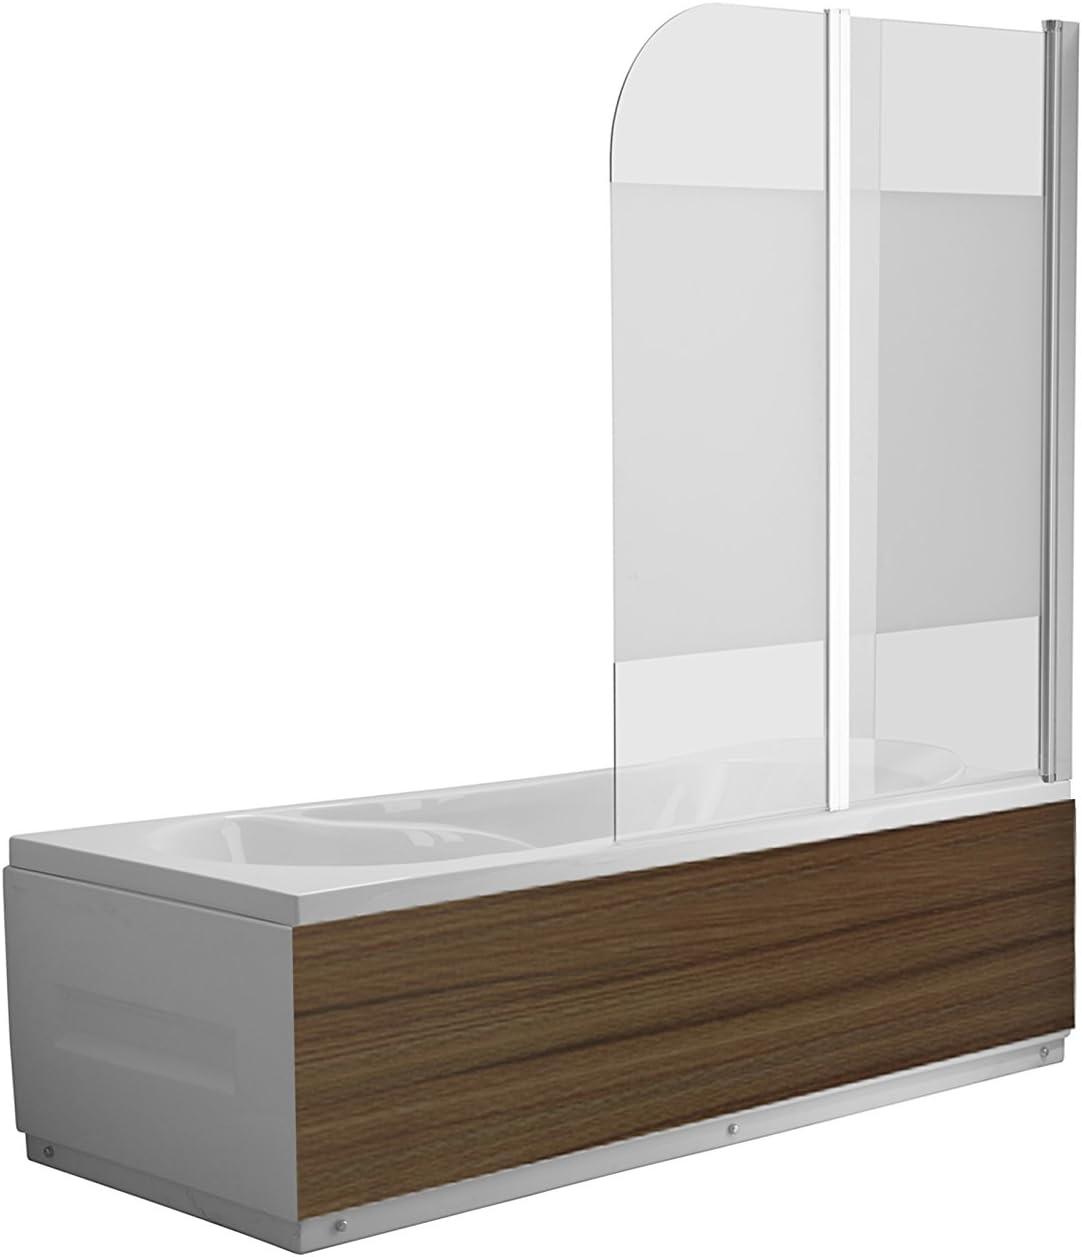 Vidrio Mampara Dallas satén Cristal bañera plegable pared ducha pared bañera plegable pared al nano-recubrimiento – Vidrio de 6 mm – plegable: Amazon.es: Hogar